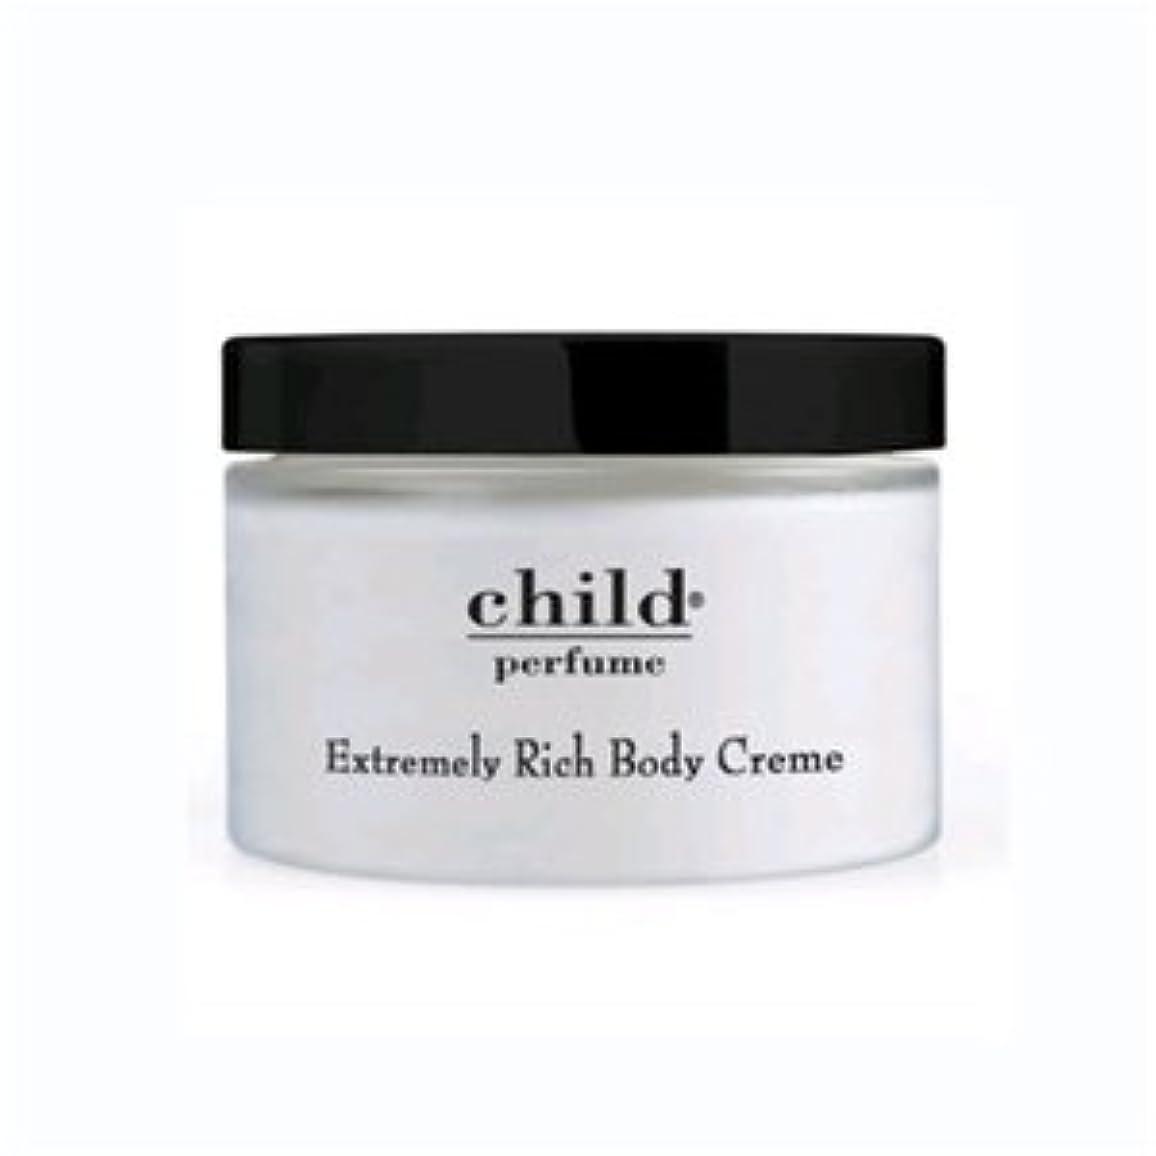 過言配置バクテリアChild Extremely Rich Body Creme (チャイルド エクストリームリーリッチ ボディークリーム) 8.0 oz (240ml) by Child for Women